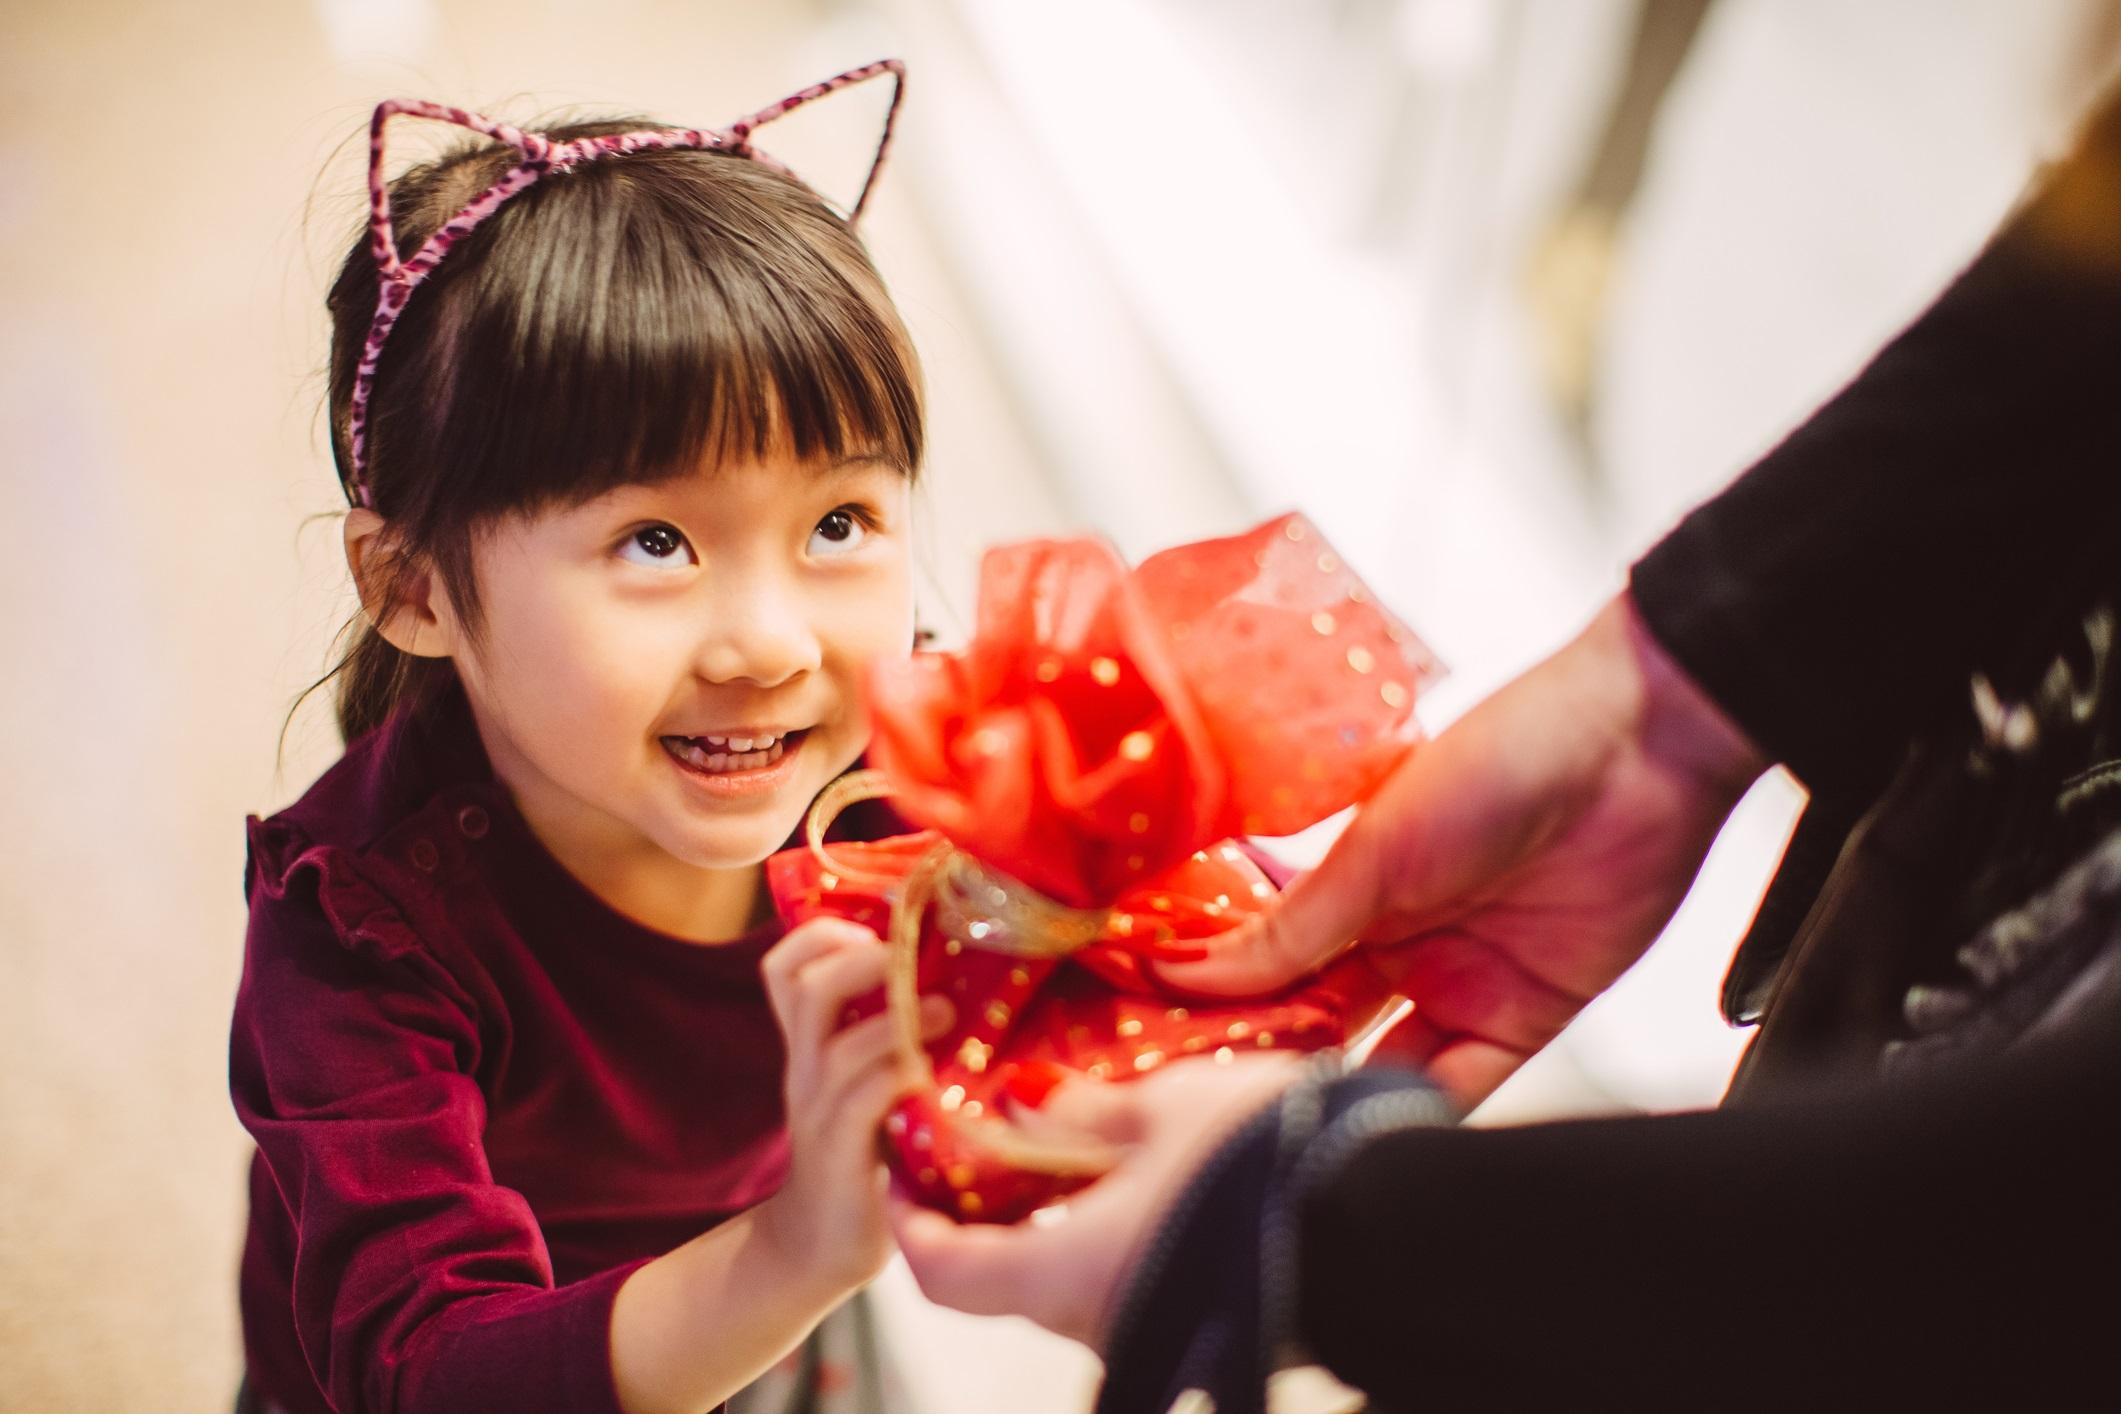 Little girl wearing cat ears